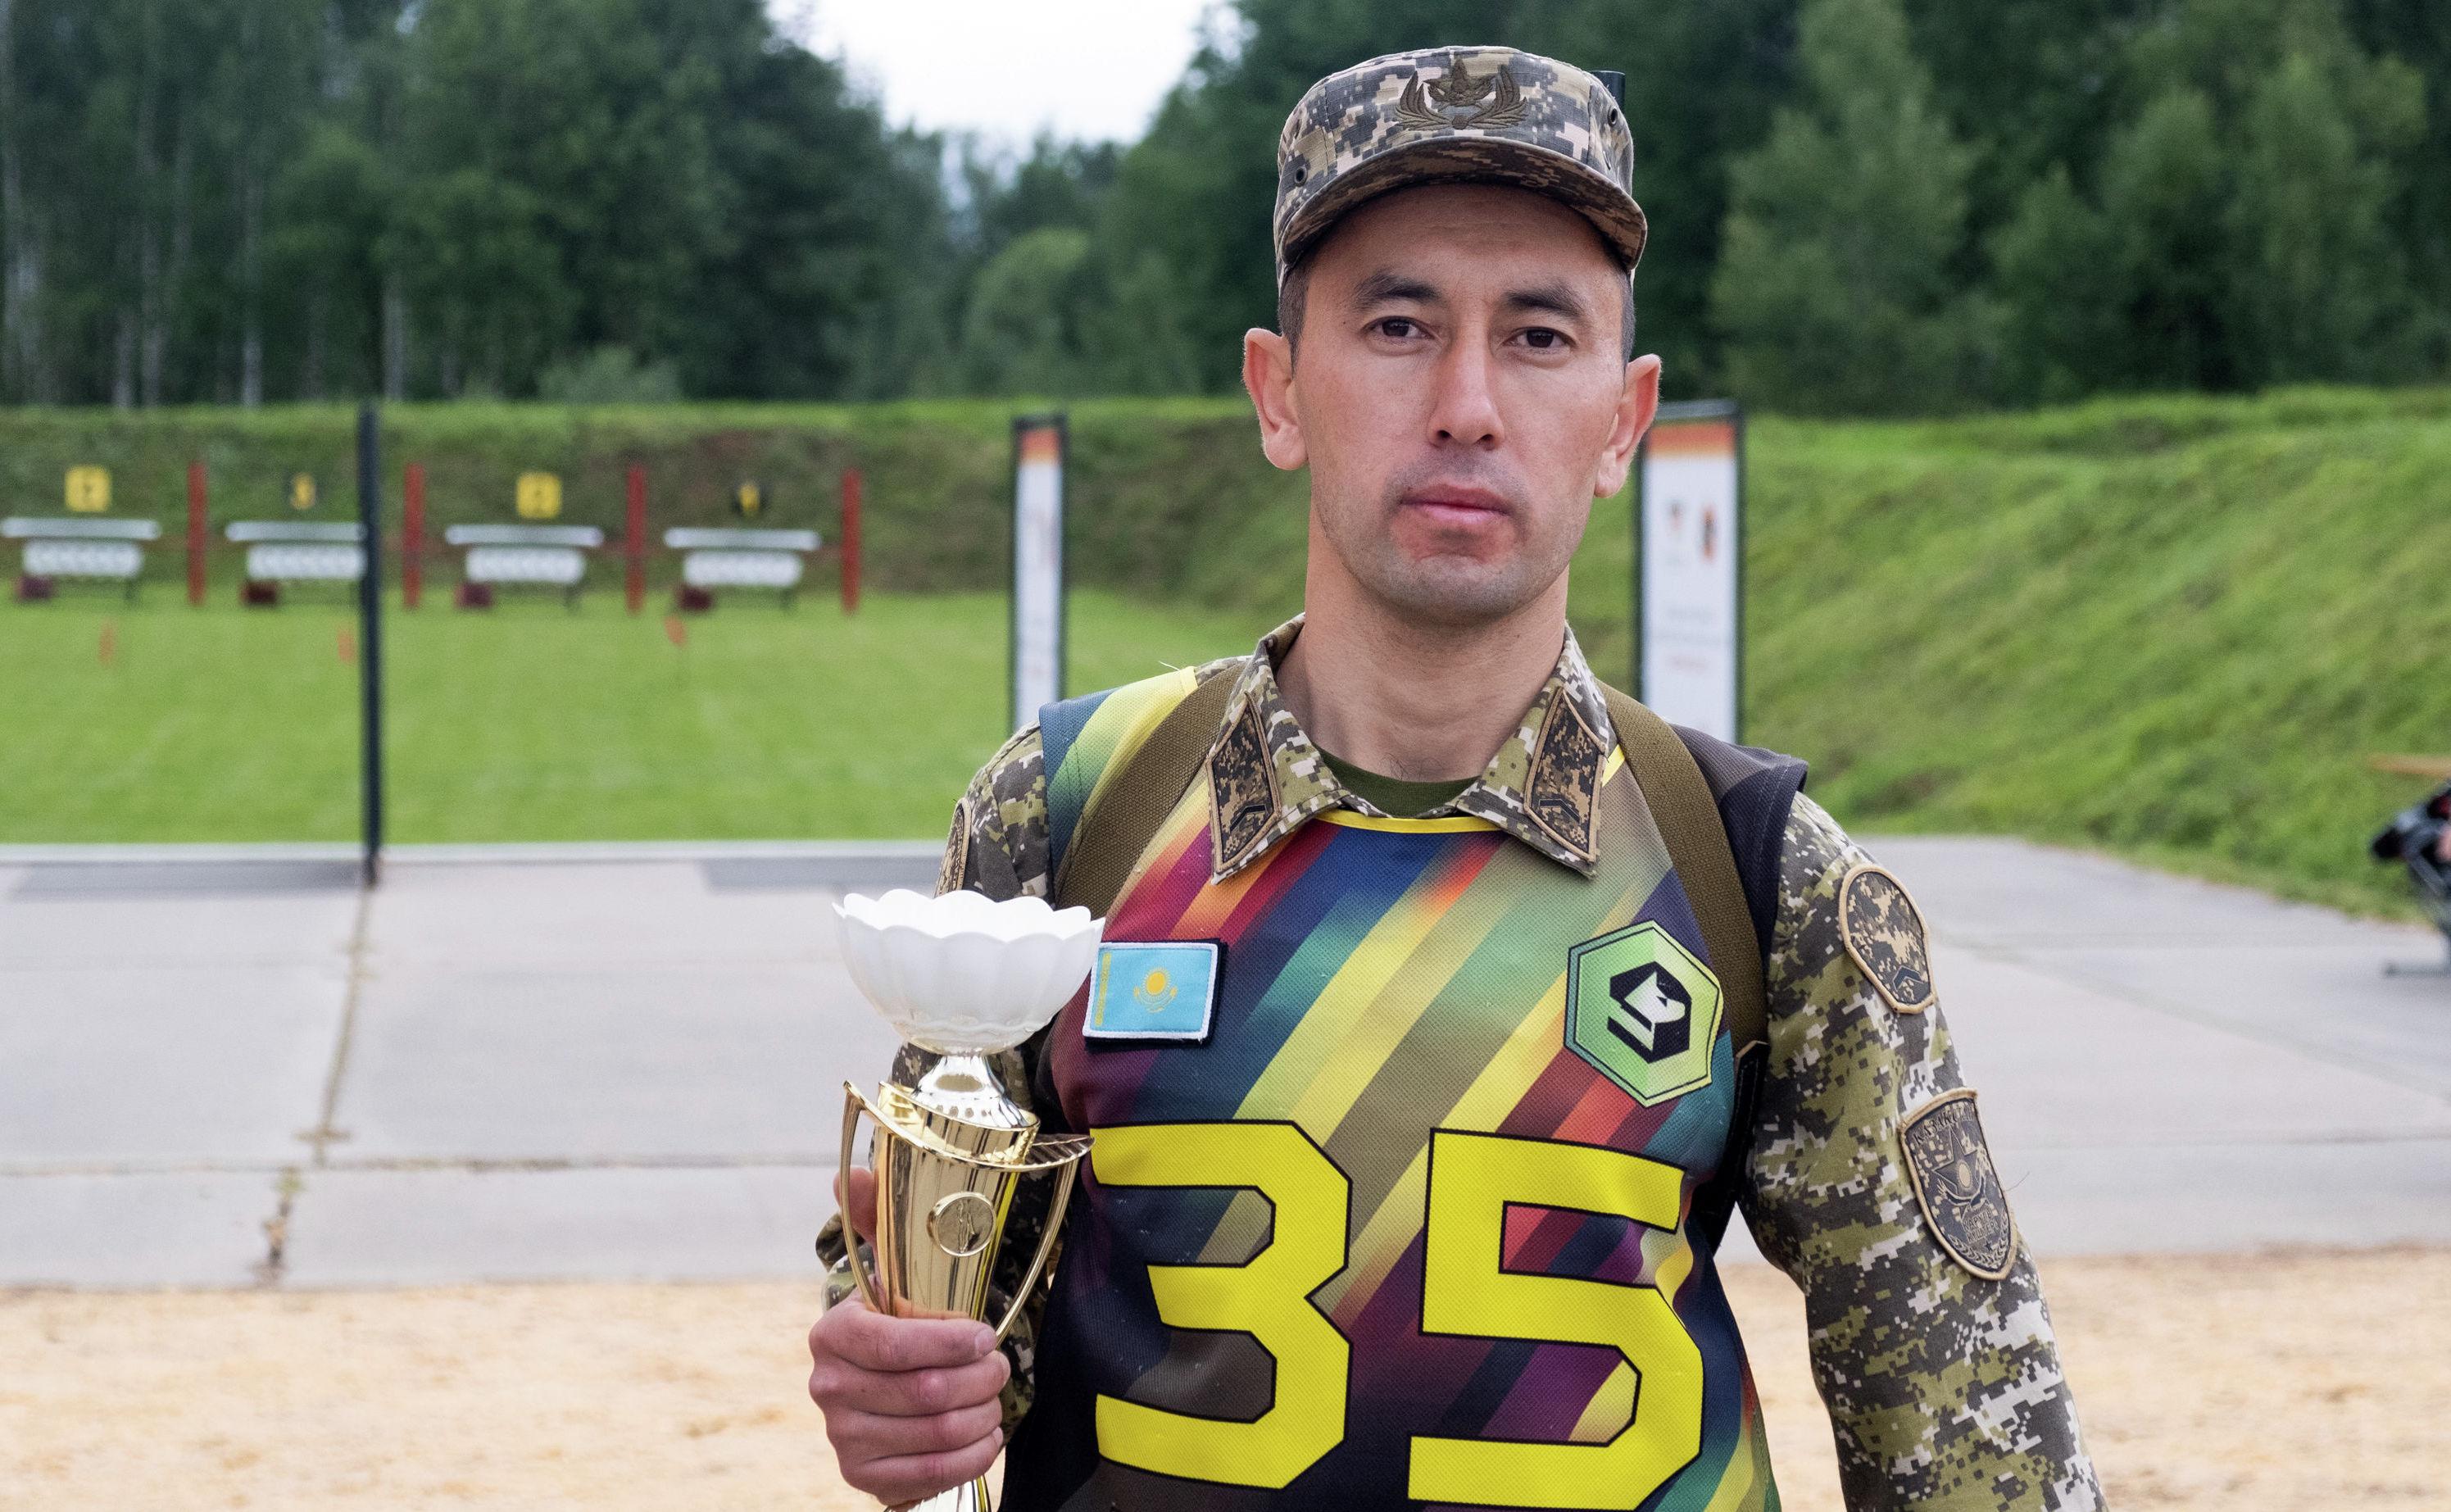 Ефрейтор Магжан Жанебеков, победитель соревнований кинологов в индивидуальной Гонке чемпионов в рамках конкурса Верный друг на АРМИ-2019